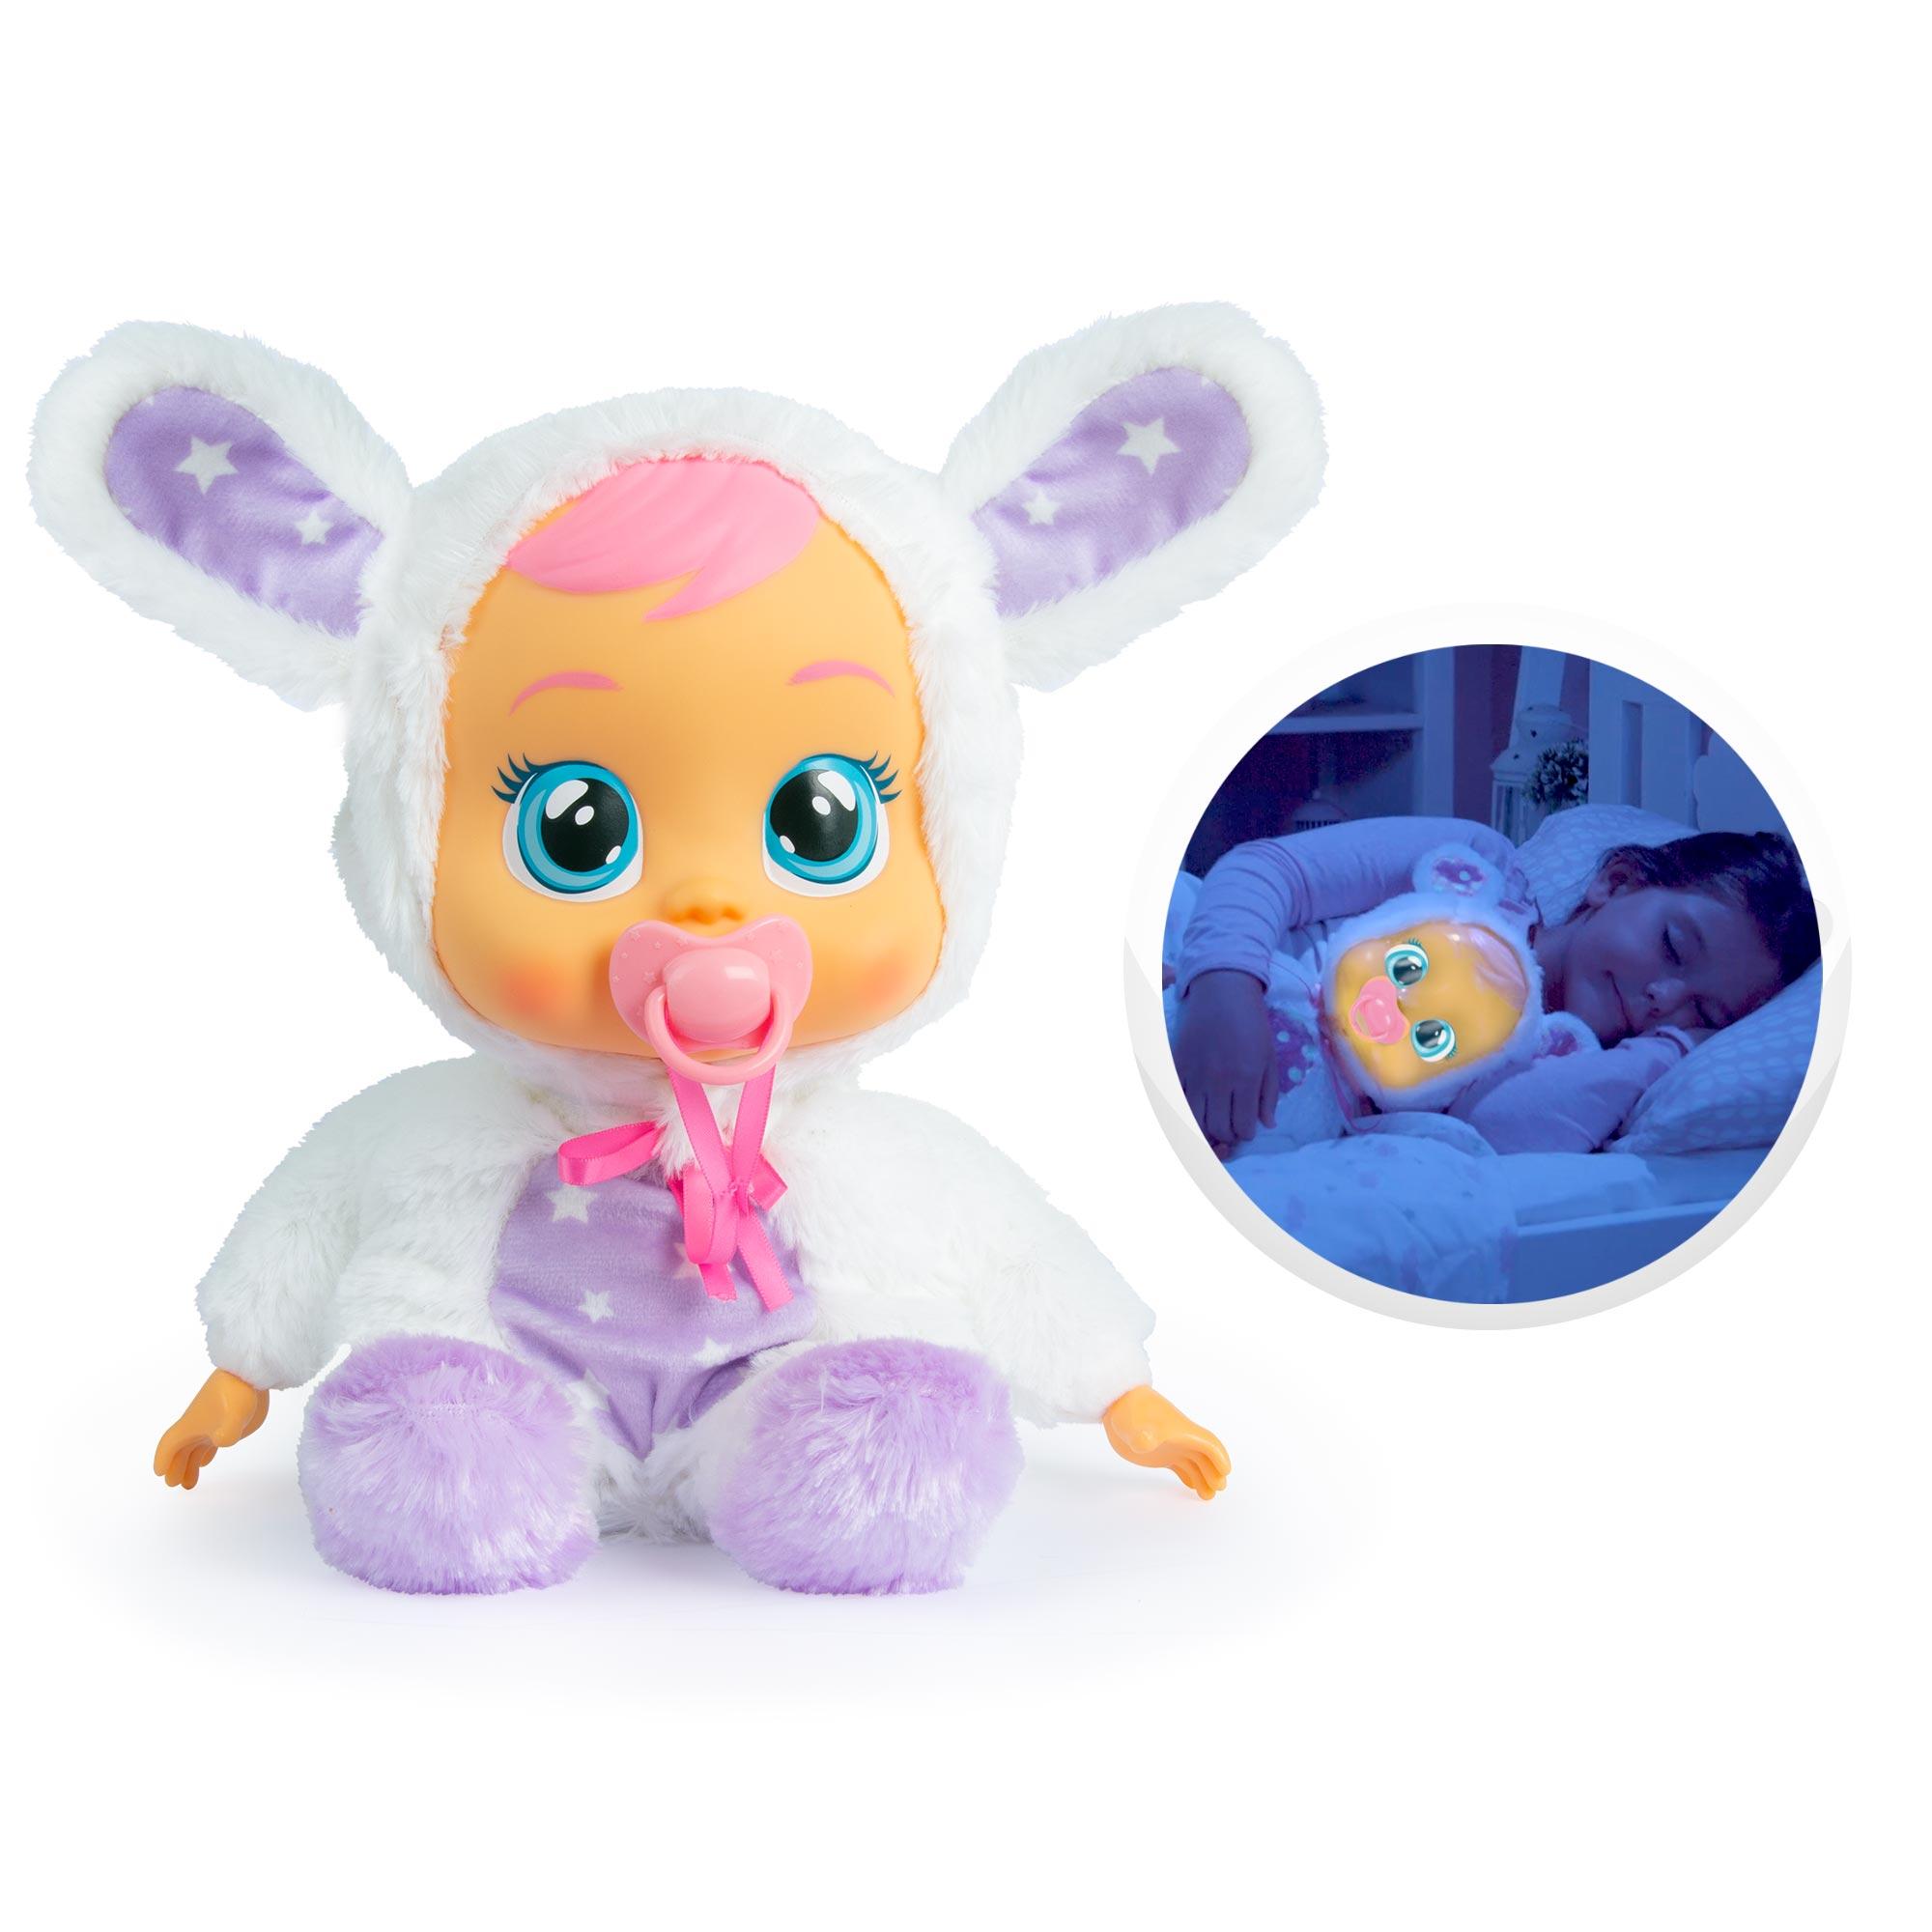 IMC Toys Bebés Llorones, CB GOODNIGHT CONEY, Coney llora con lágrimas reales y ayudará a los niños a conciliar el sueño de la manera más mágica, funciona con pilas, Muñecas Regalo Original, Christmas gifts, 93140|Muñecas| - AliExpress